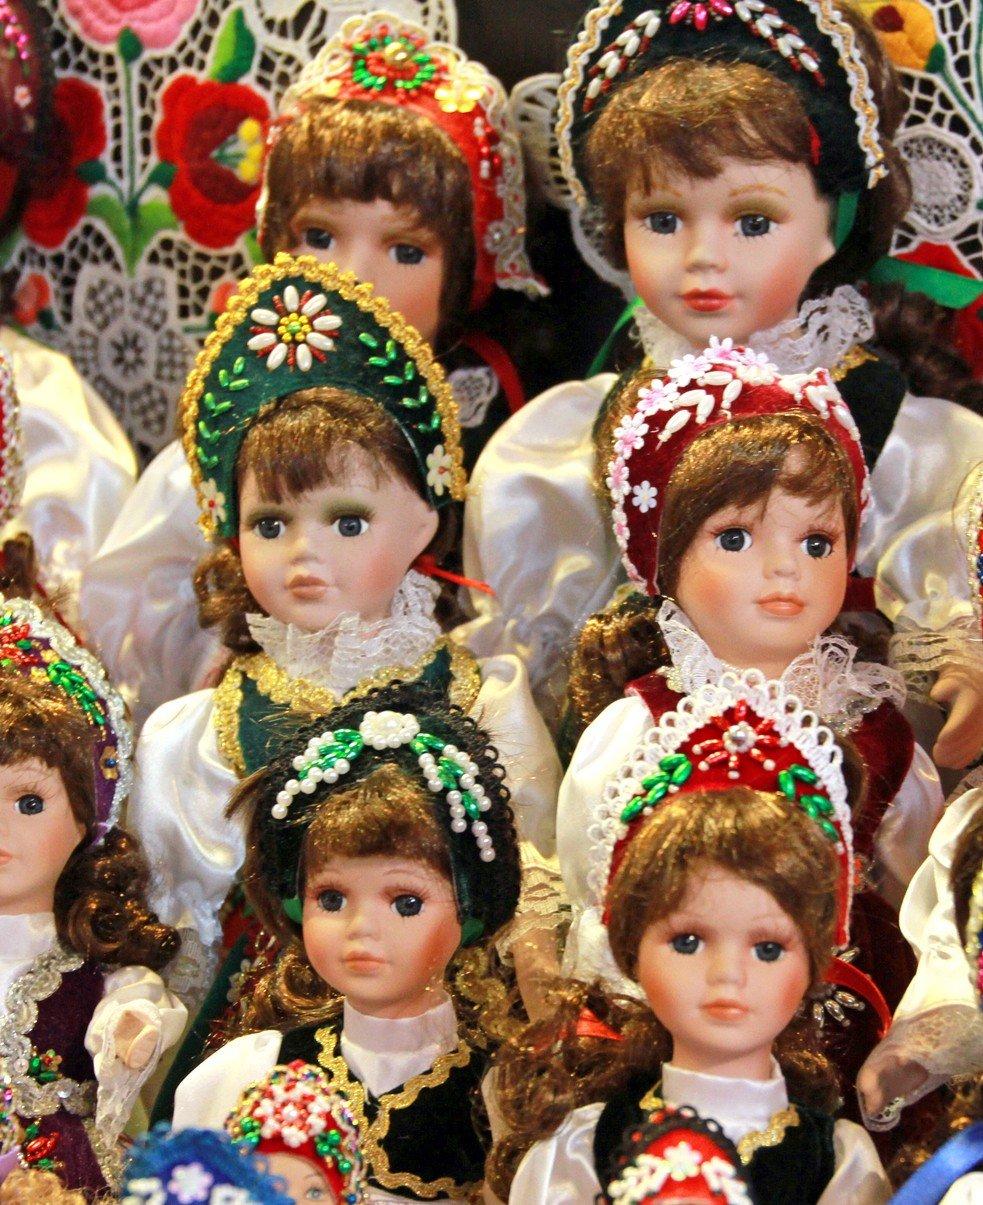 Как я влюбилась в венгра, вышла замуж и узнала, за что ценят русских женщин (спойлер: свое мнение!)